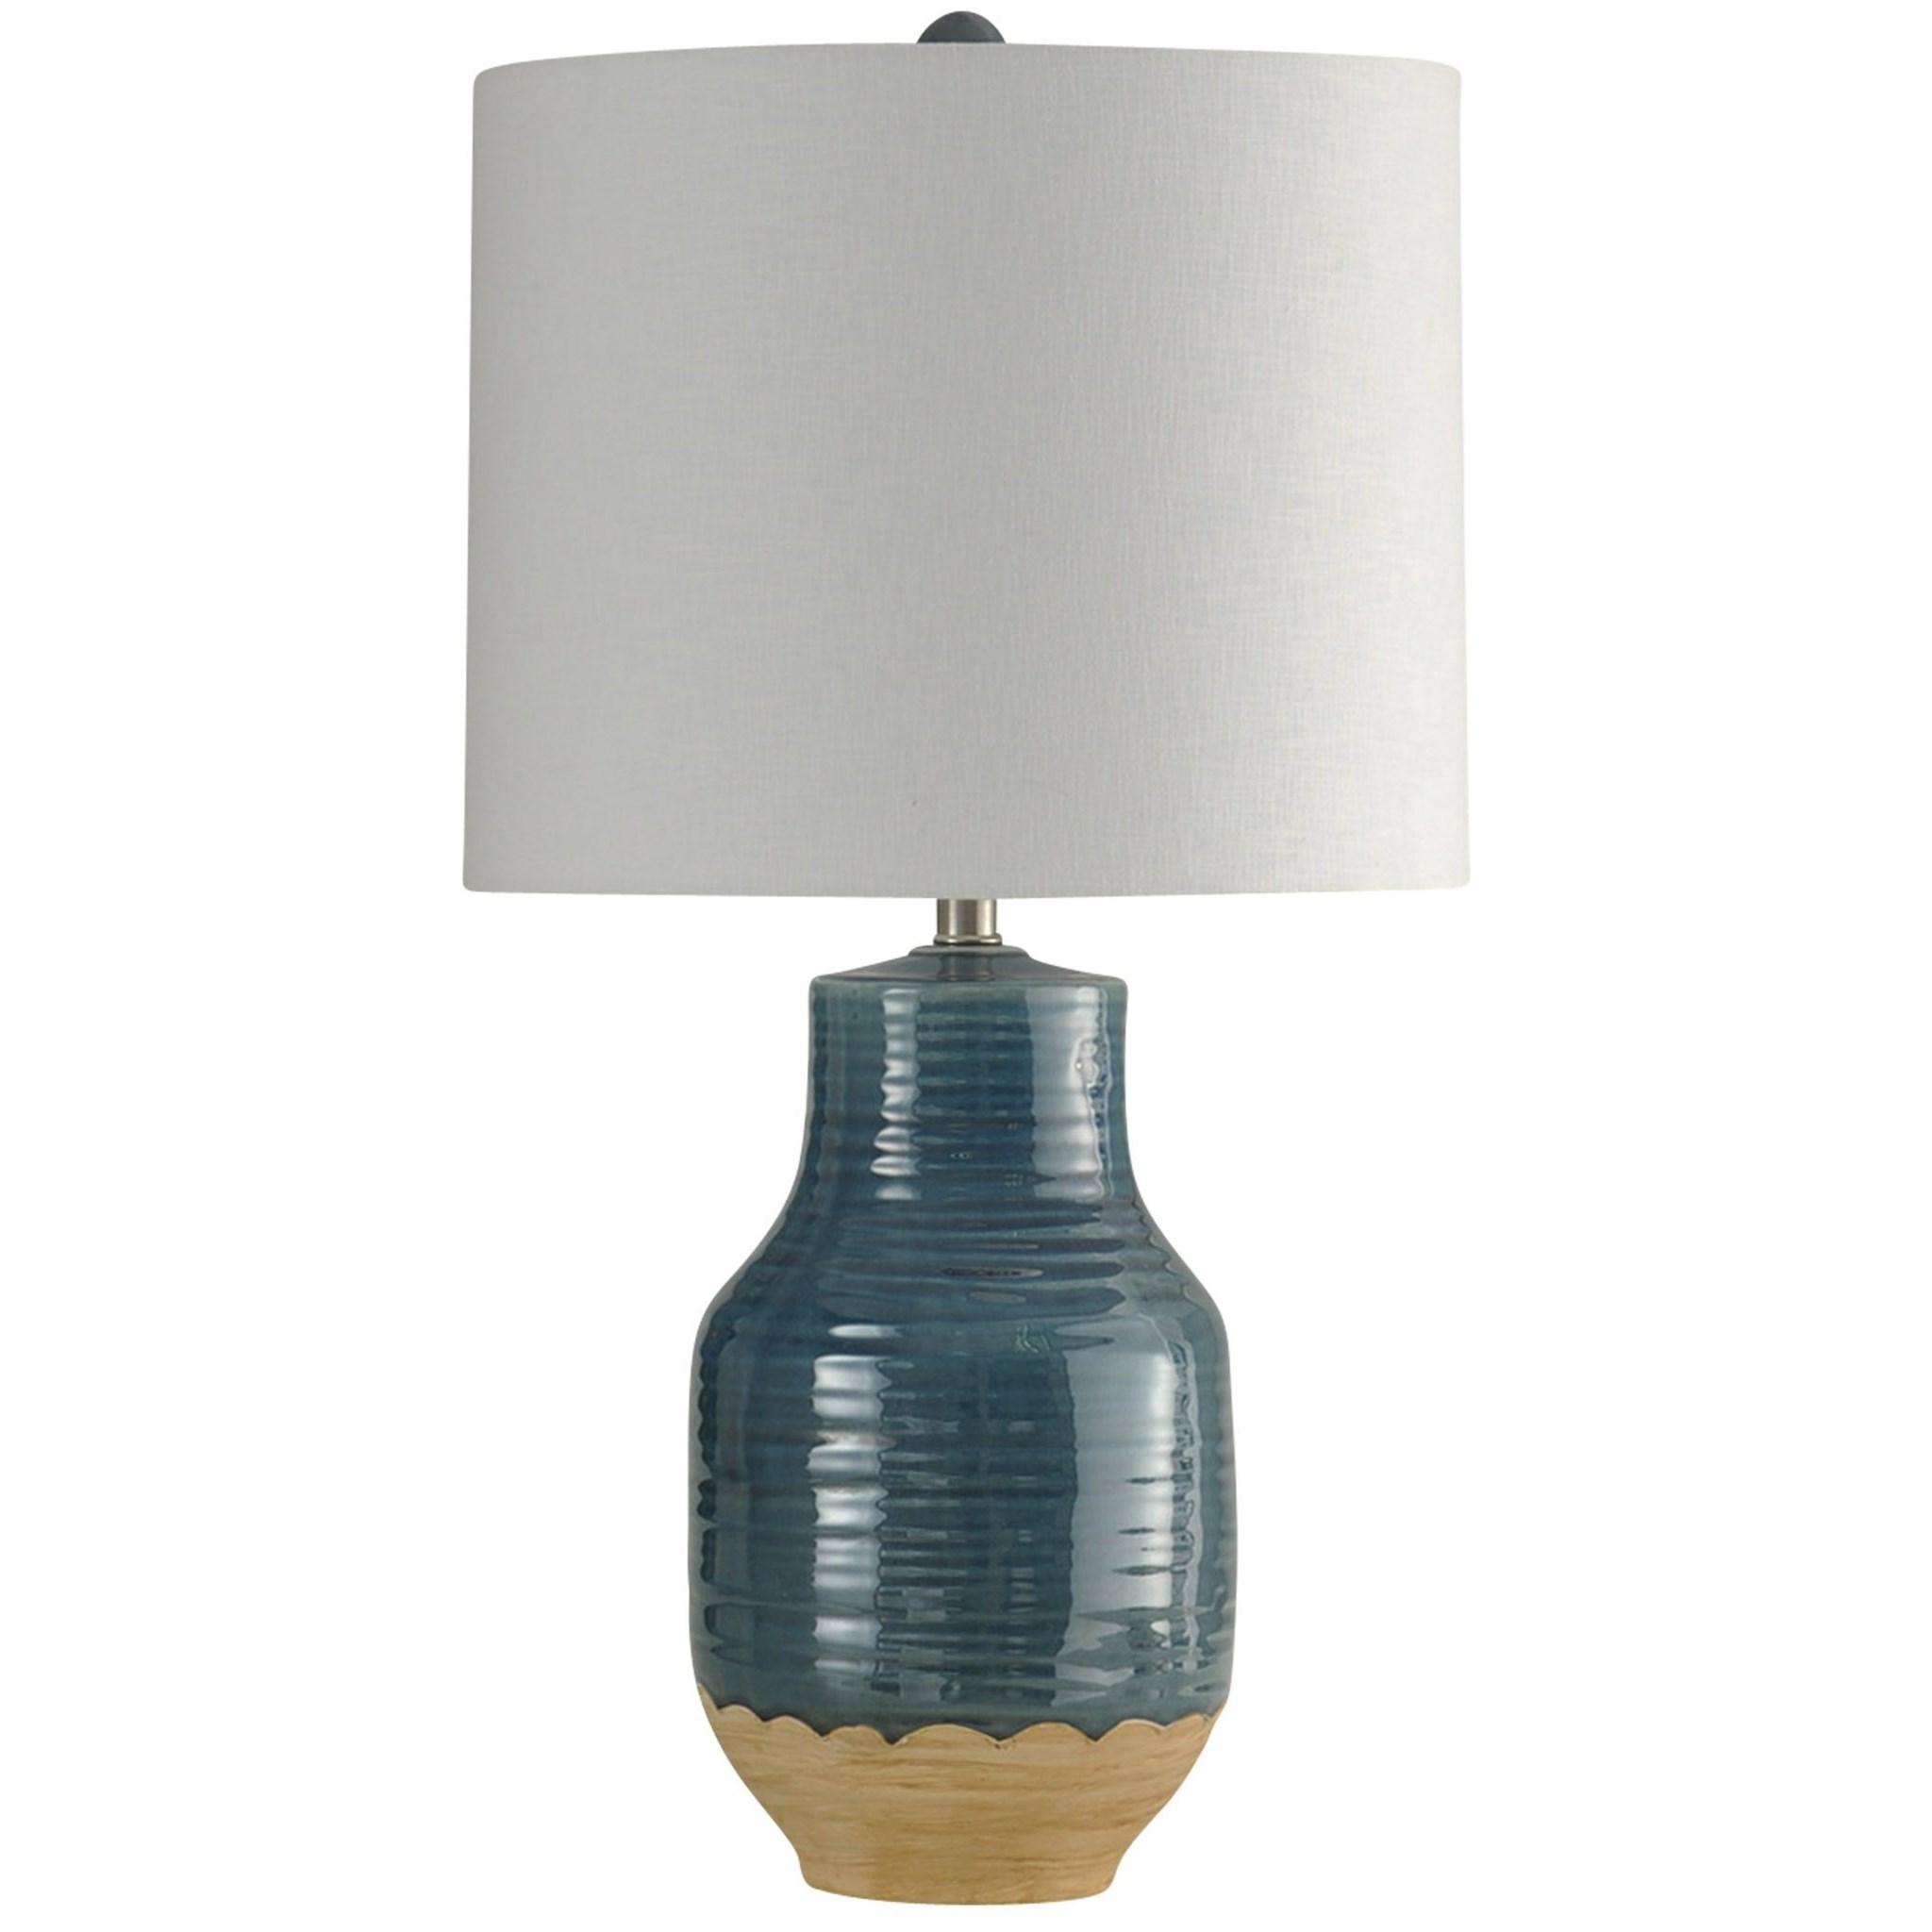 Prova Blue Dipped Ceramic Lamp